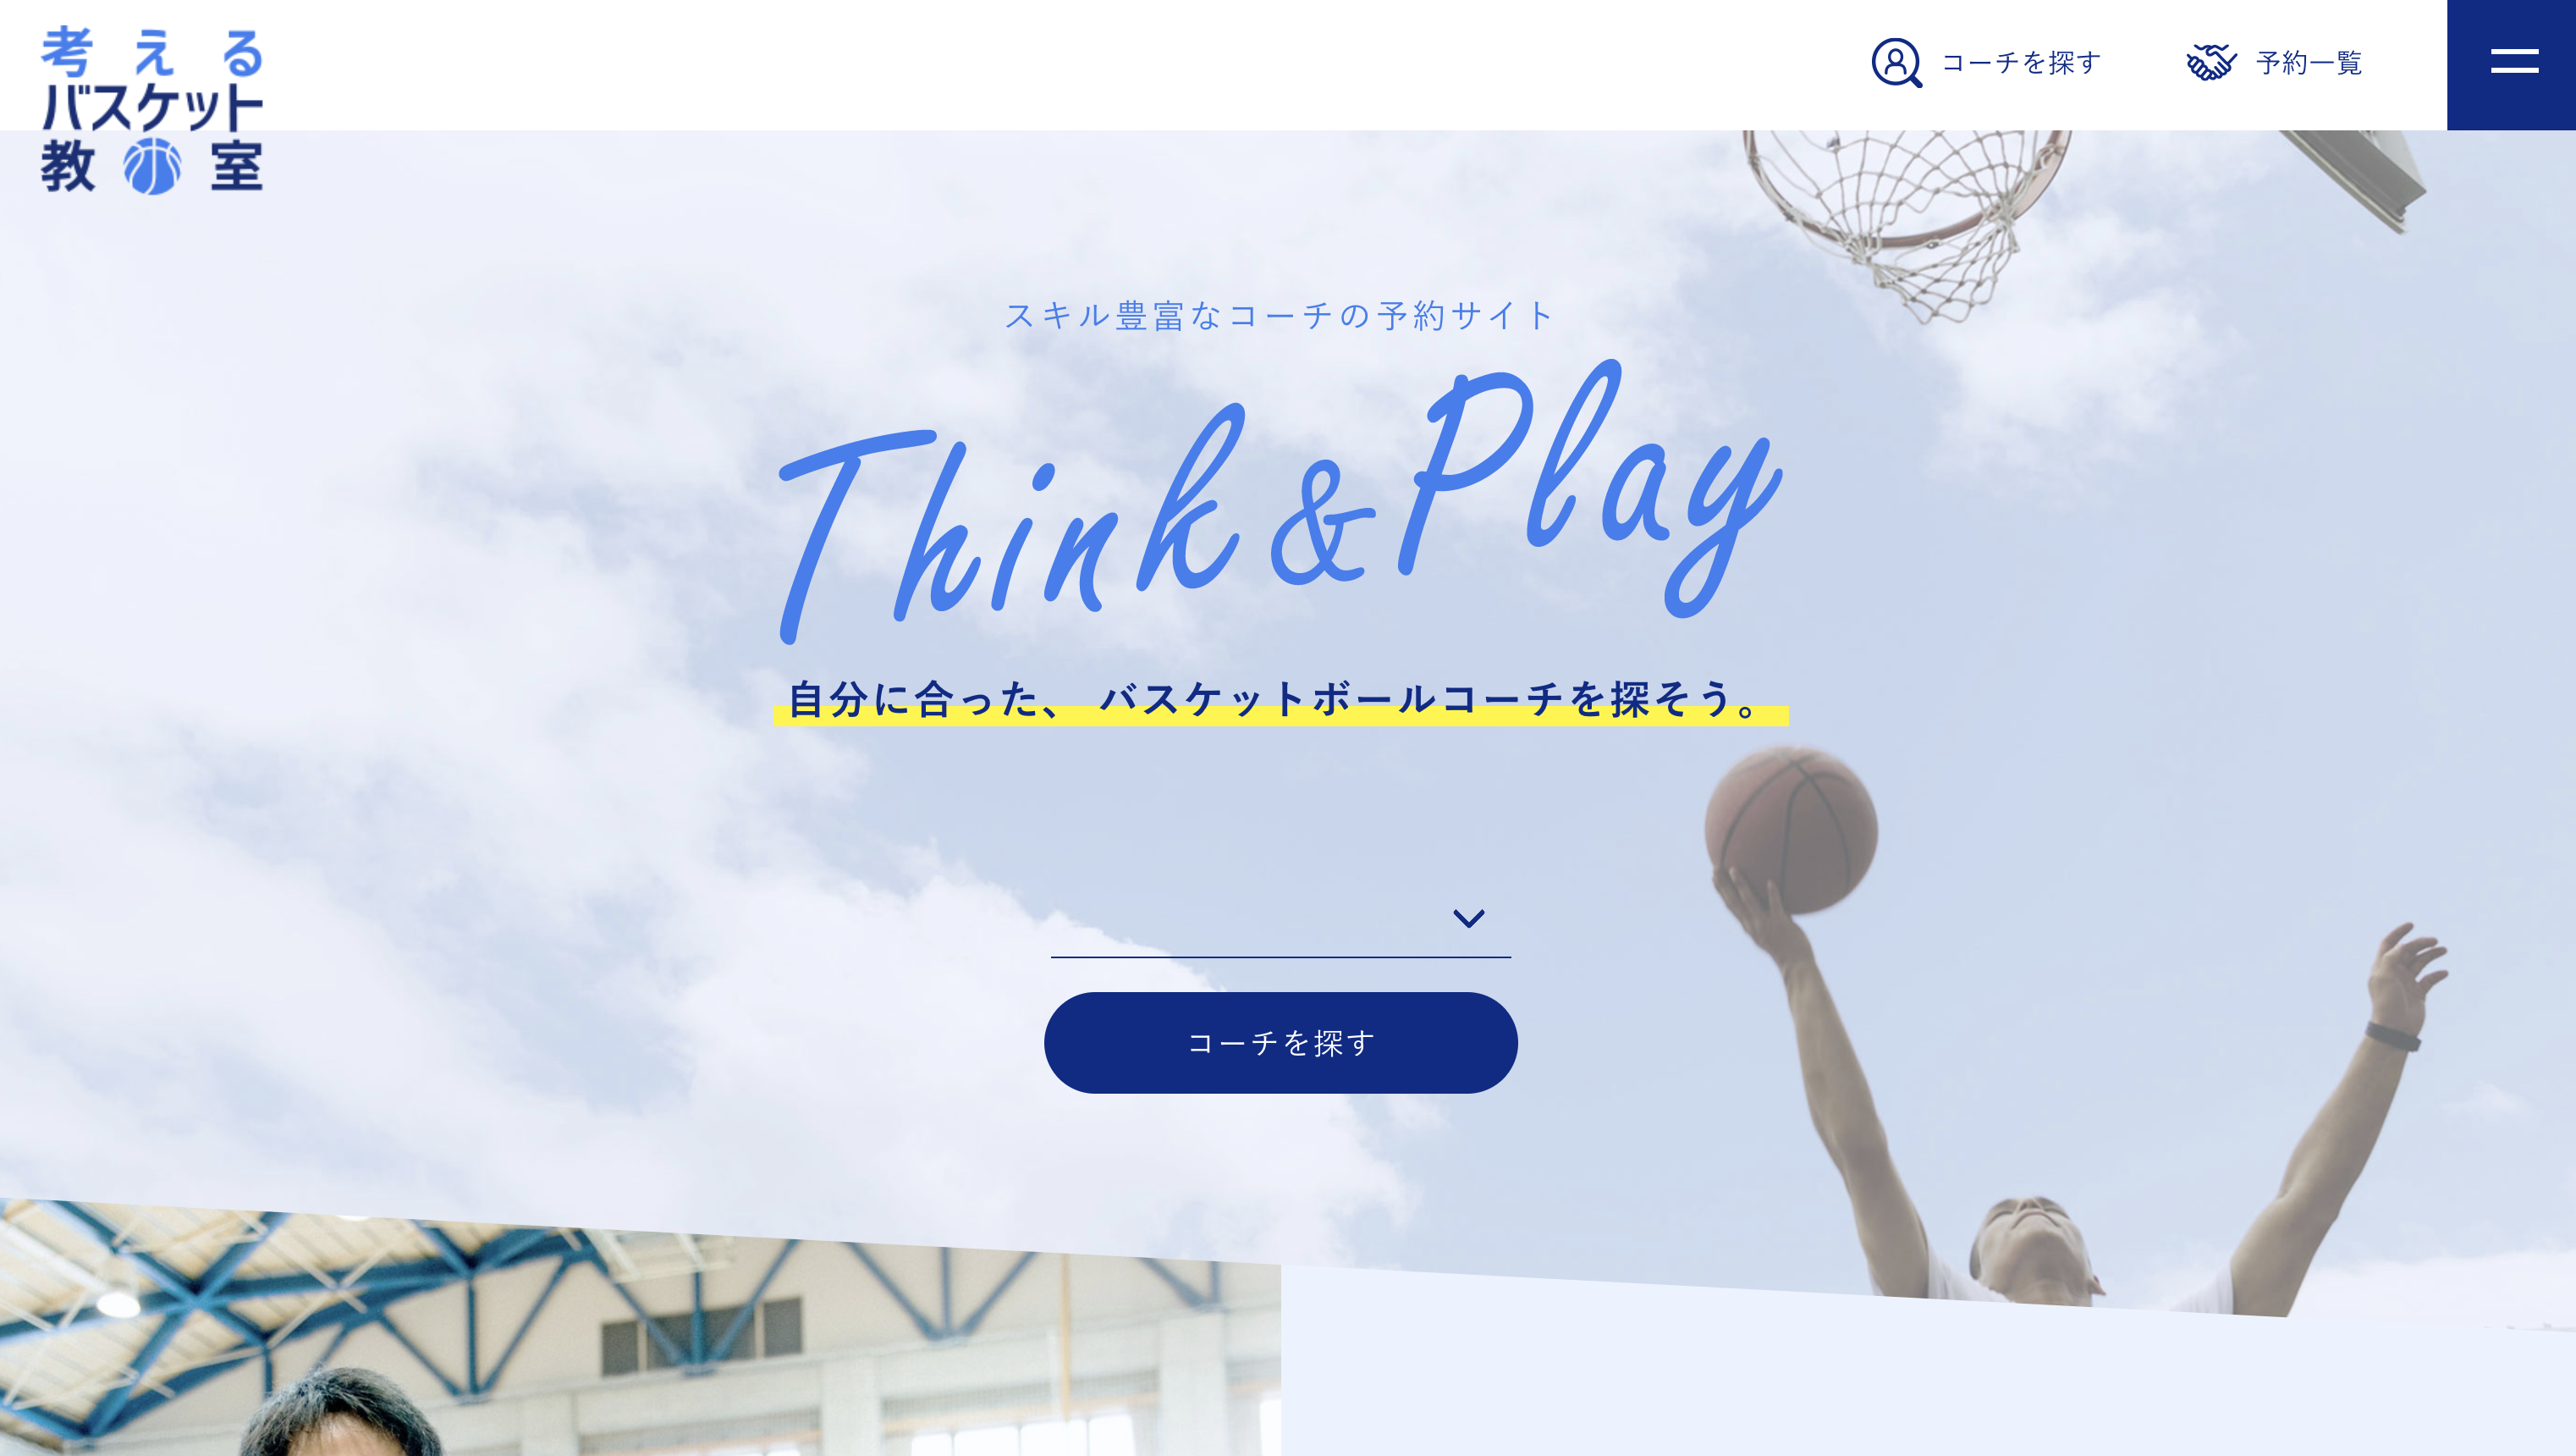 業界初のバスケットマッチングサービス「考えるバスケット教室」